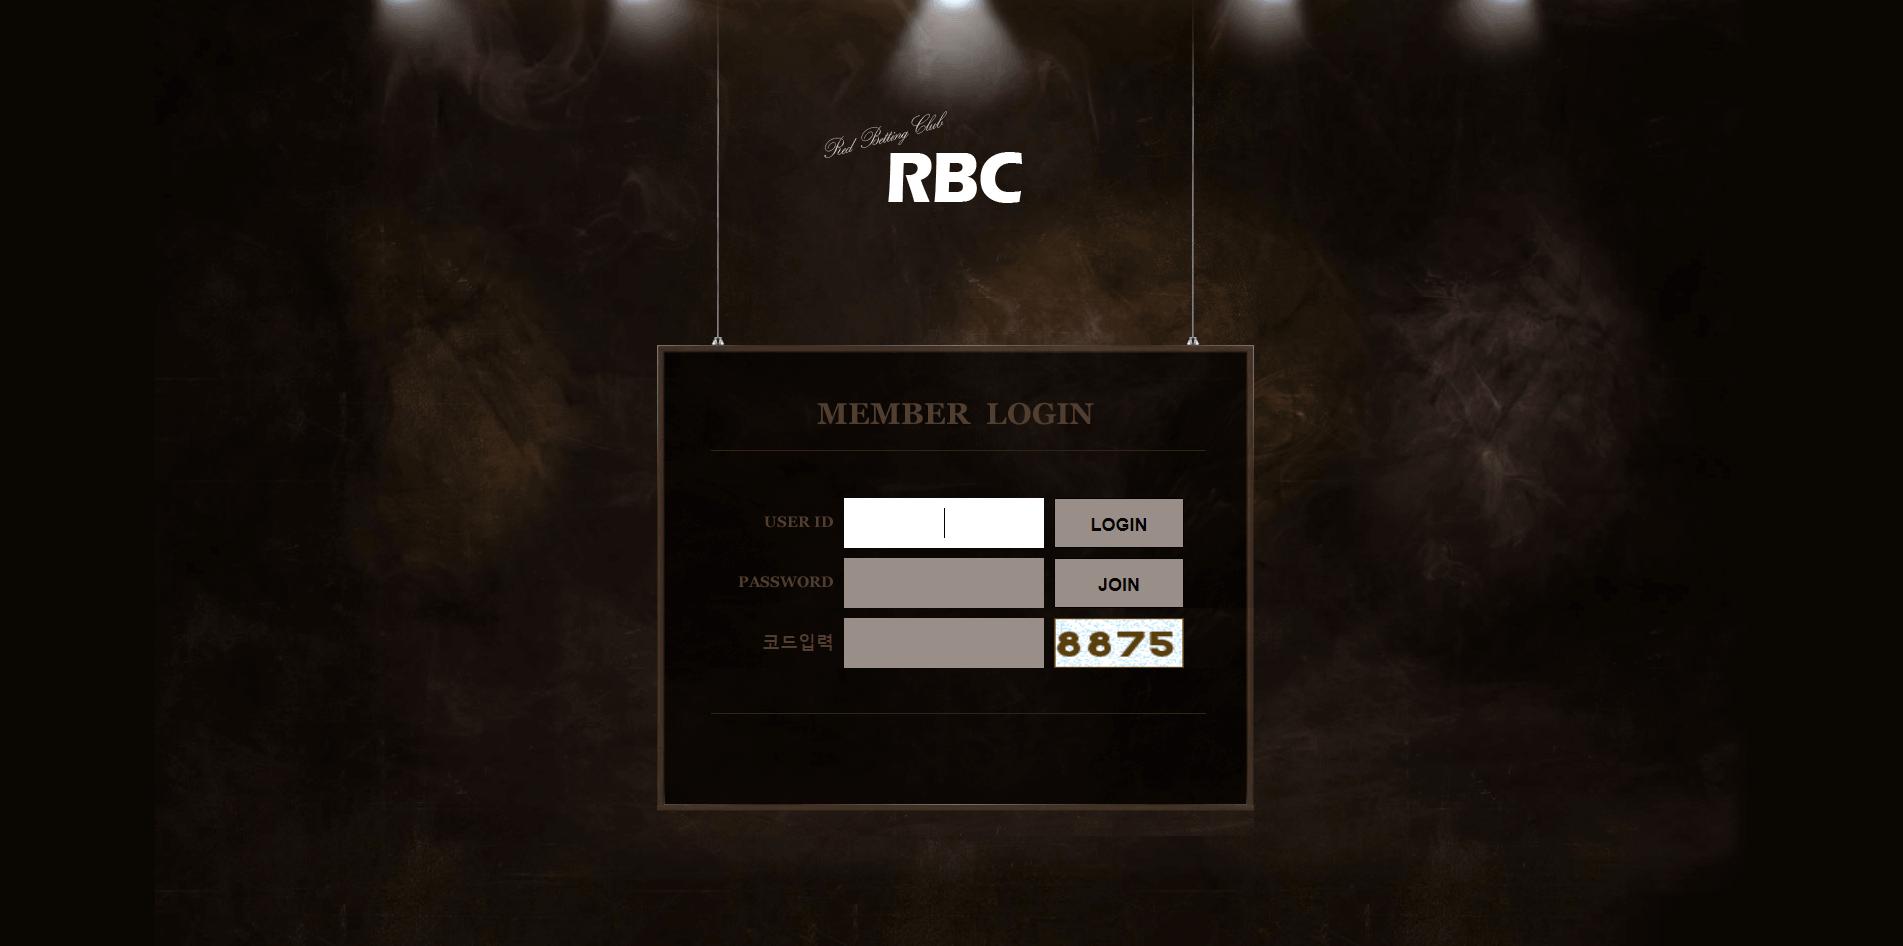 [먹튀검증]RBC 먹튀사이트 확정 rbc-111.com 토토사이트 먹튀검증업체 토토안내소